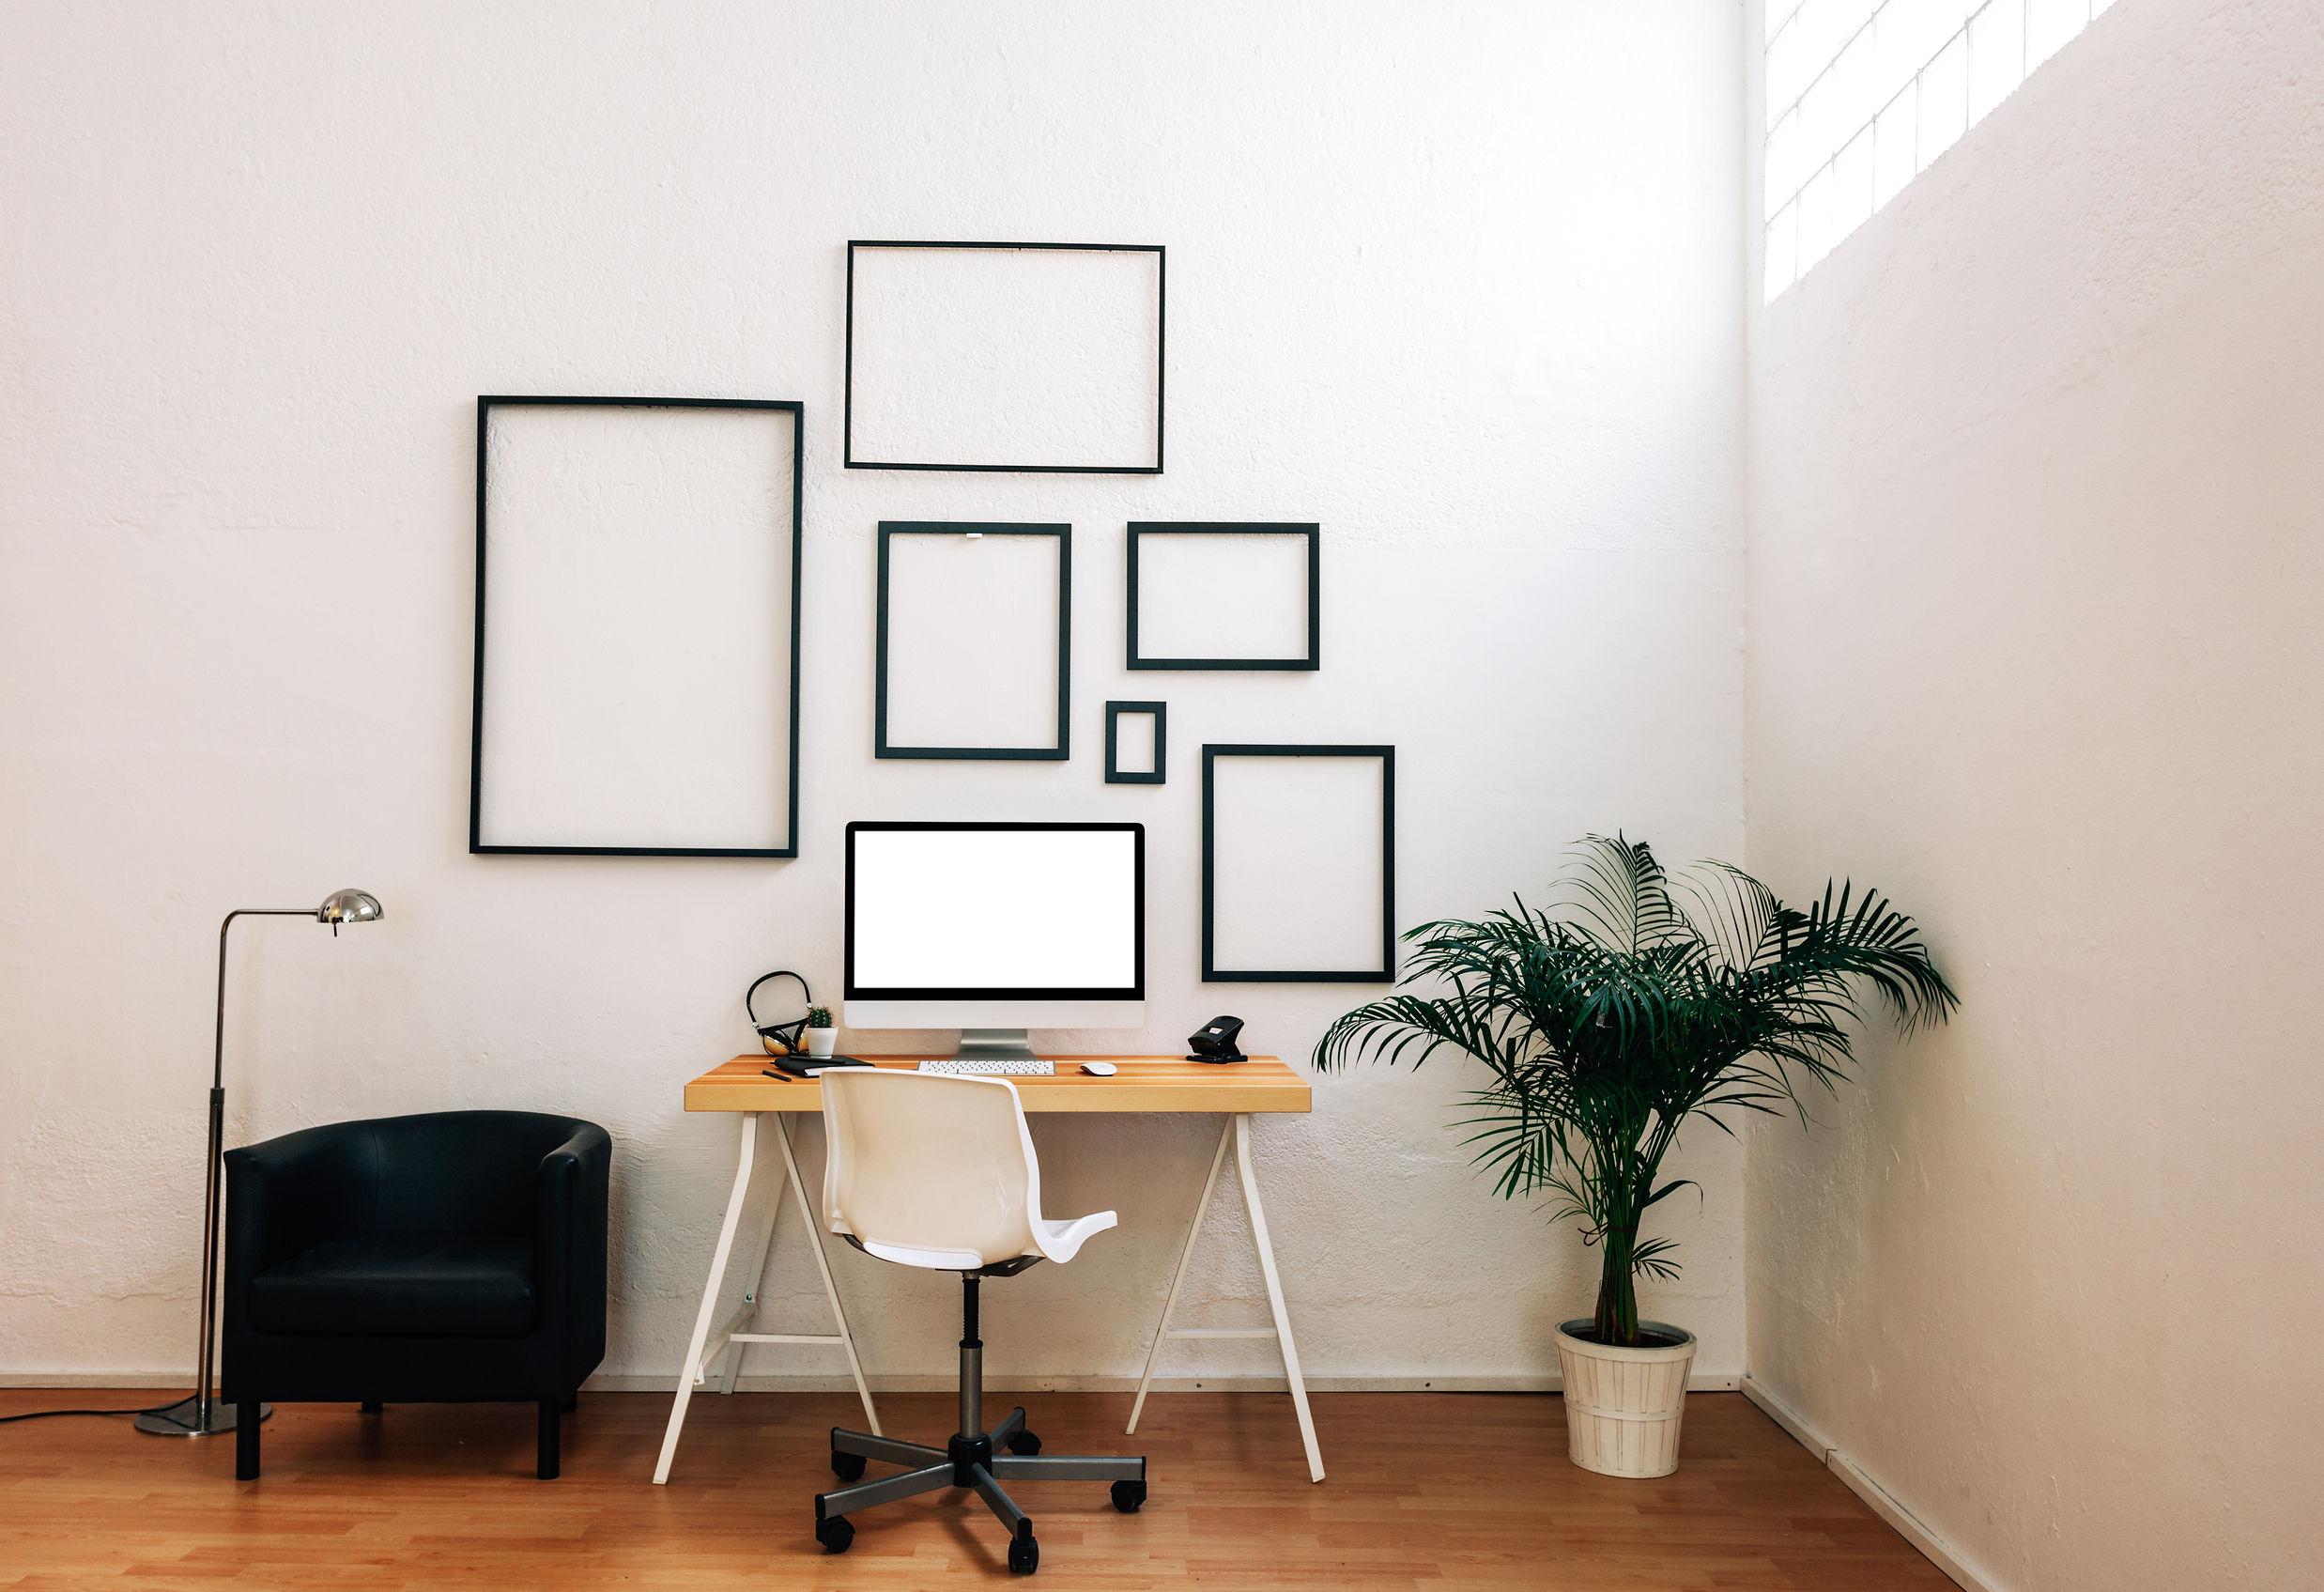 Sillas de escritorio: ¿Cuál es la mejor del 2021?